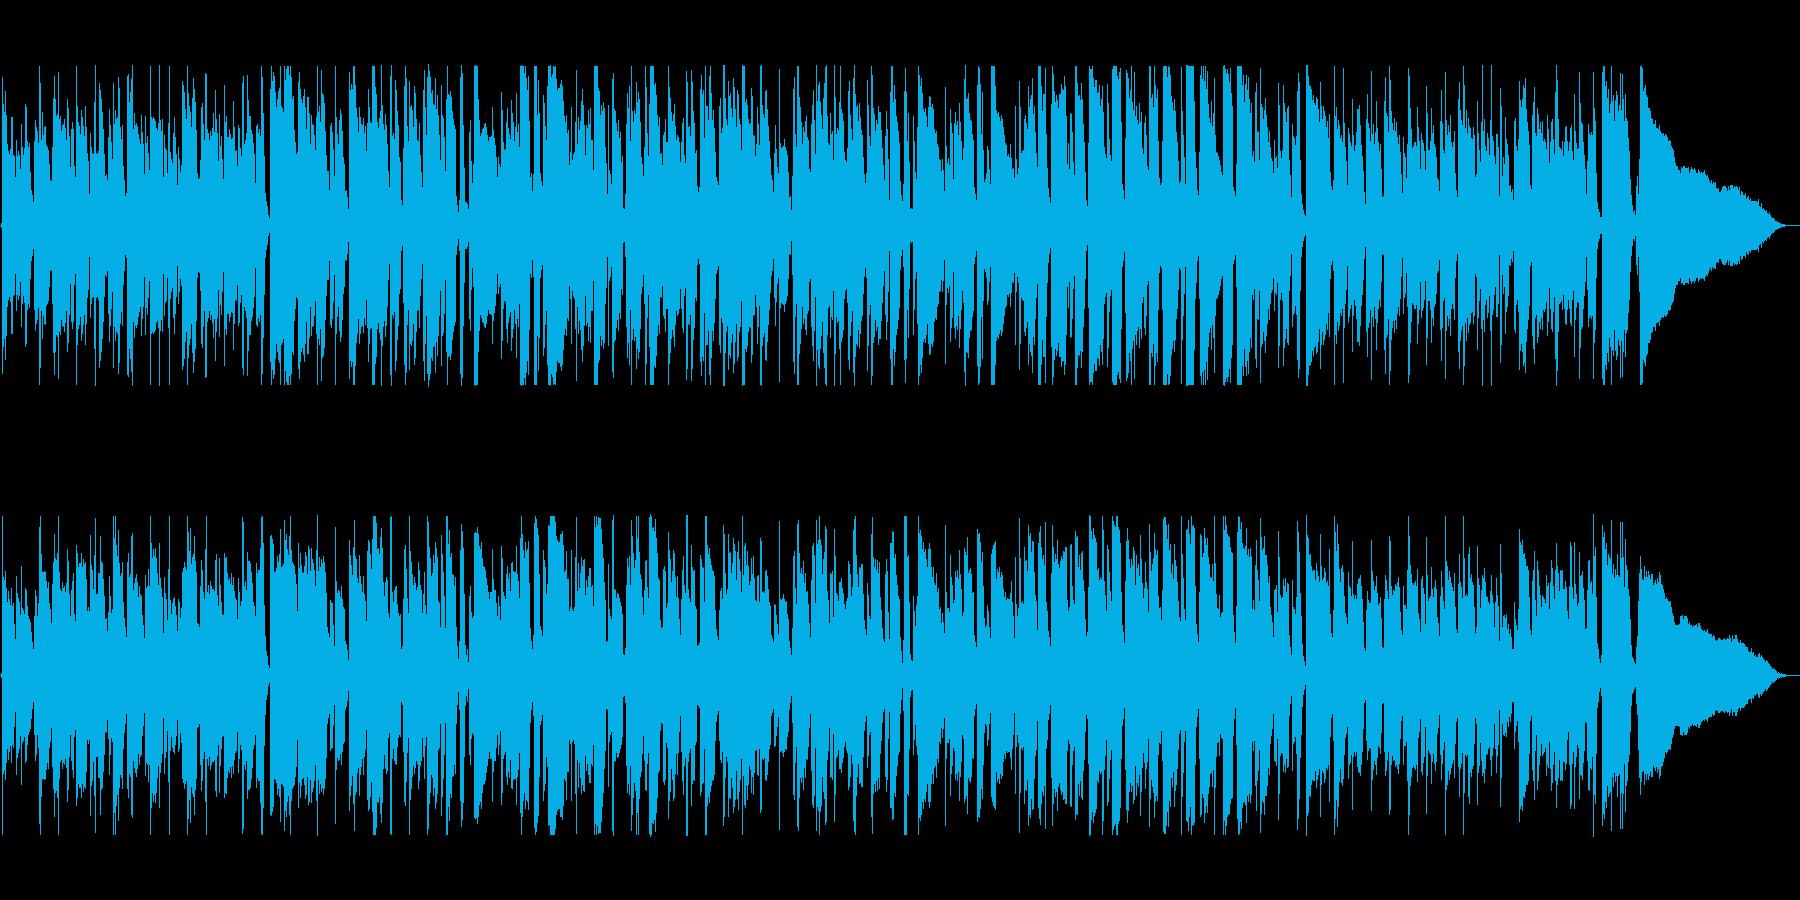 落ち着いた雰囲気のジャズの再生済みの波形